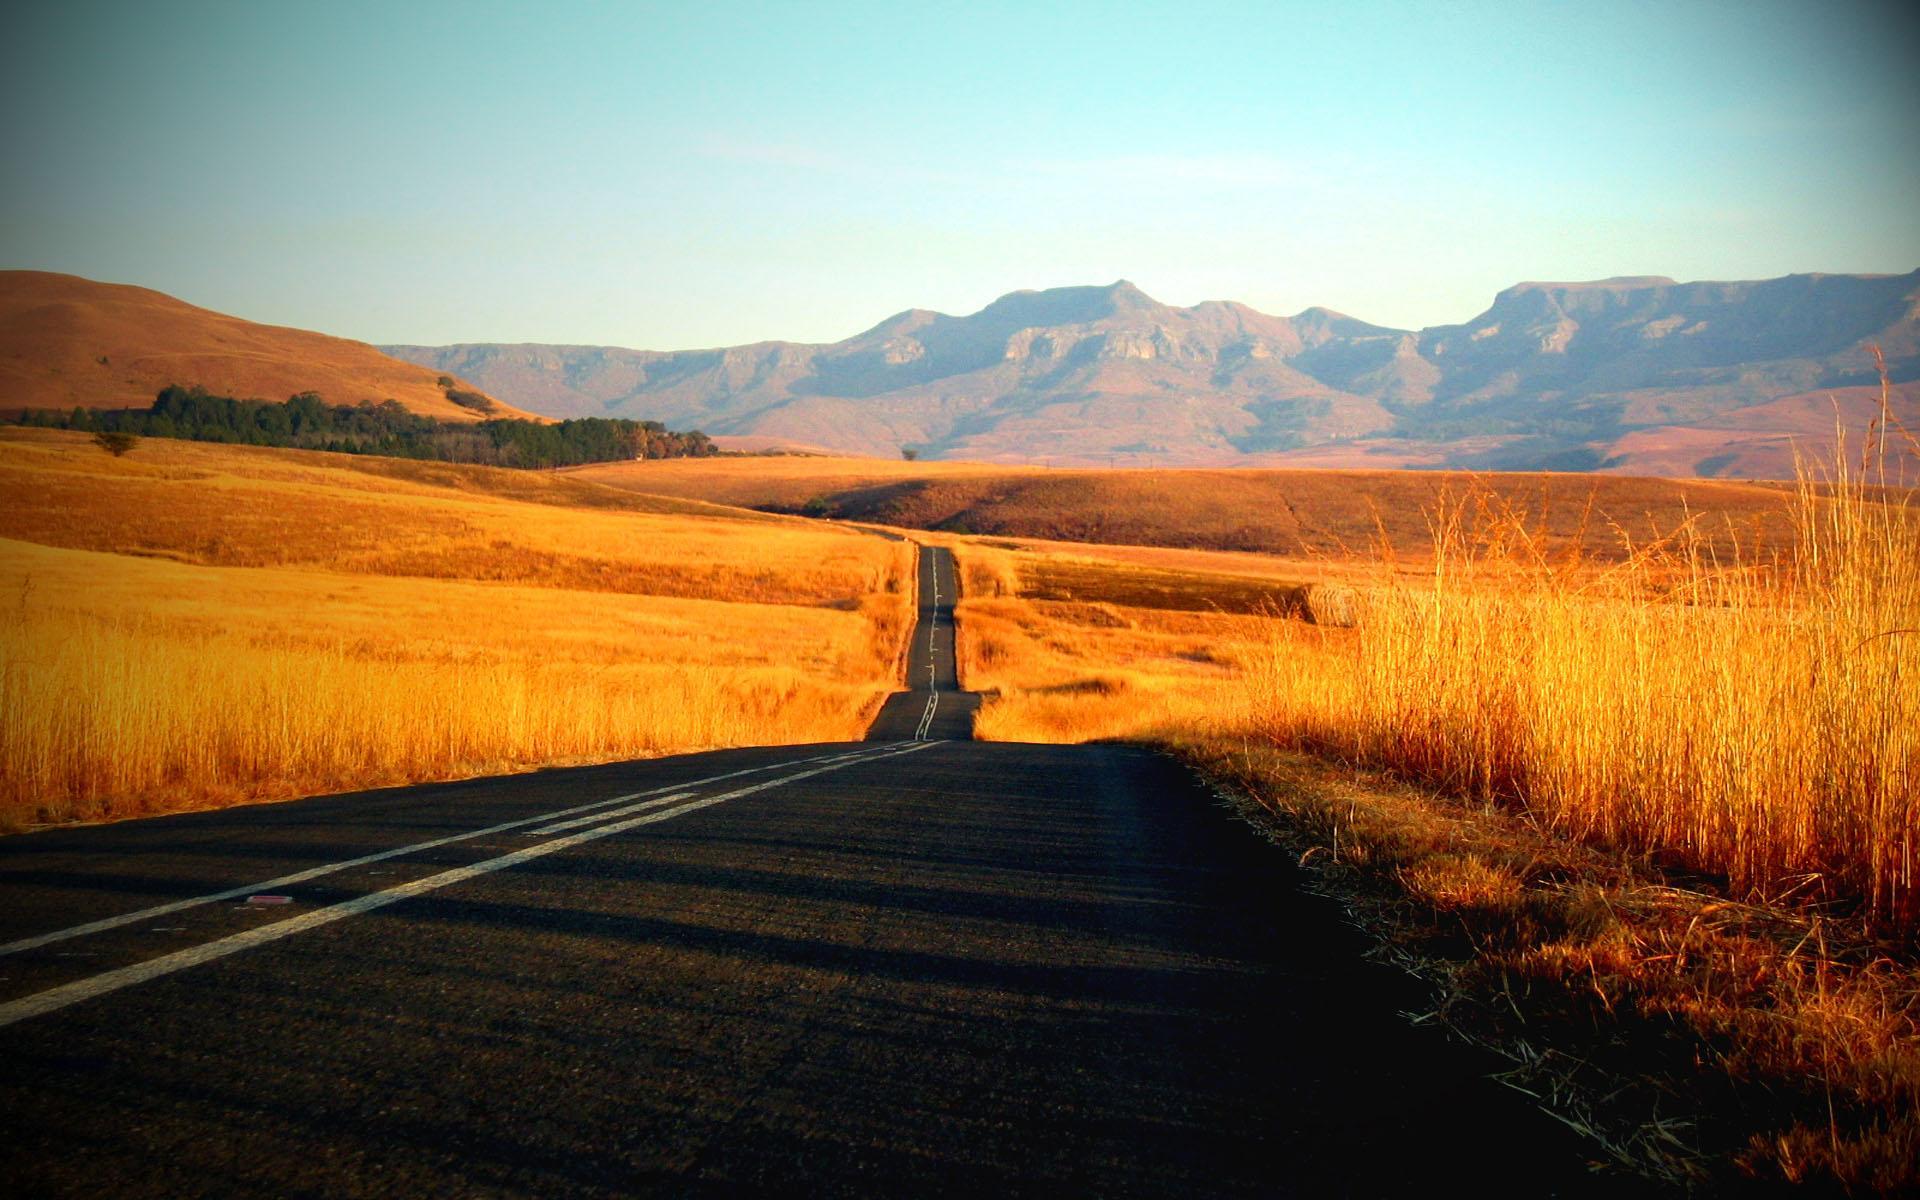 асфальт, дорога, желтая трава, высохшая трава, скачать фото